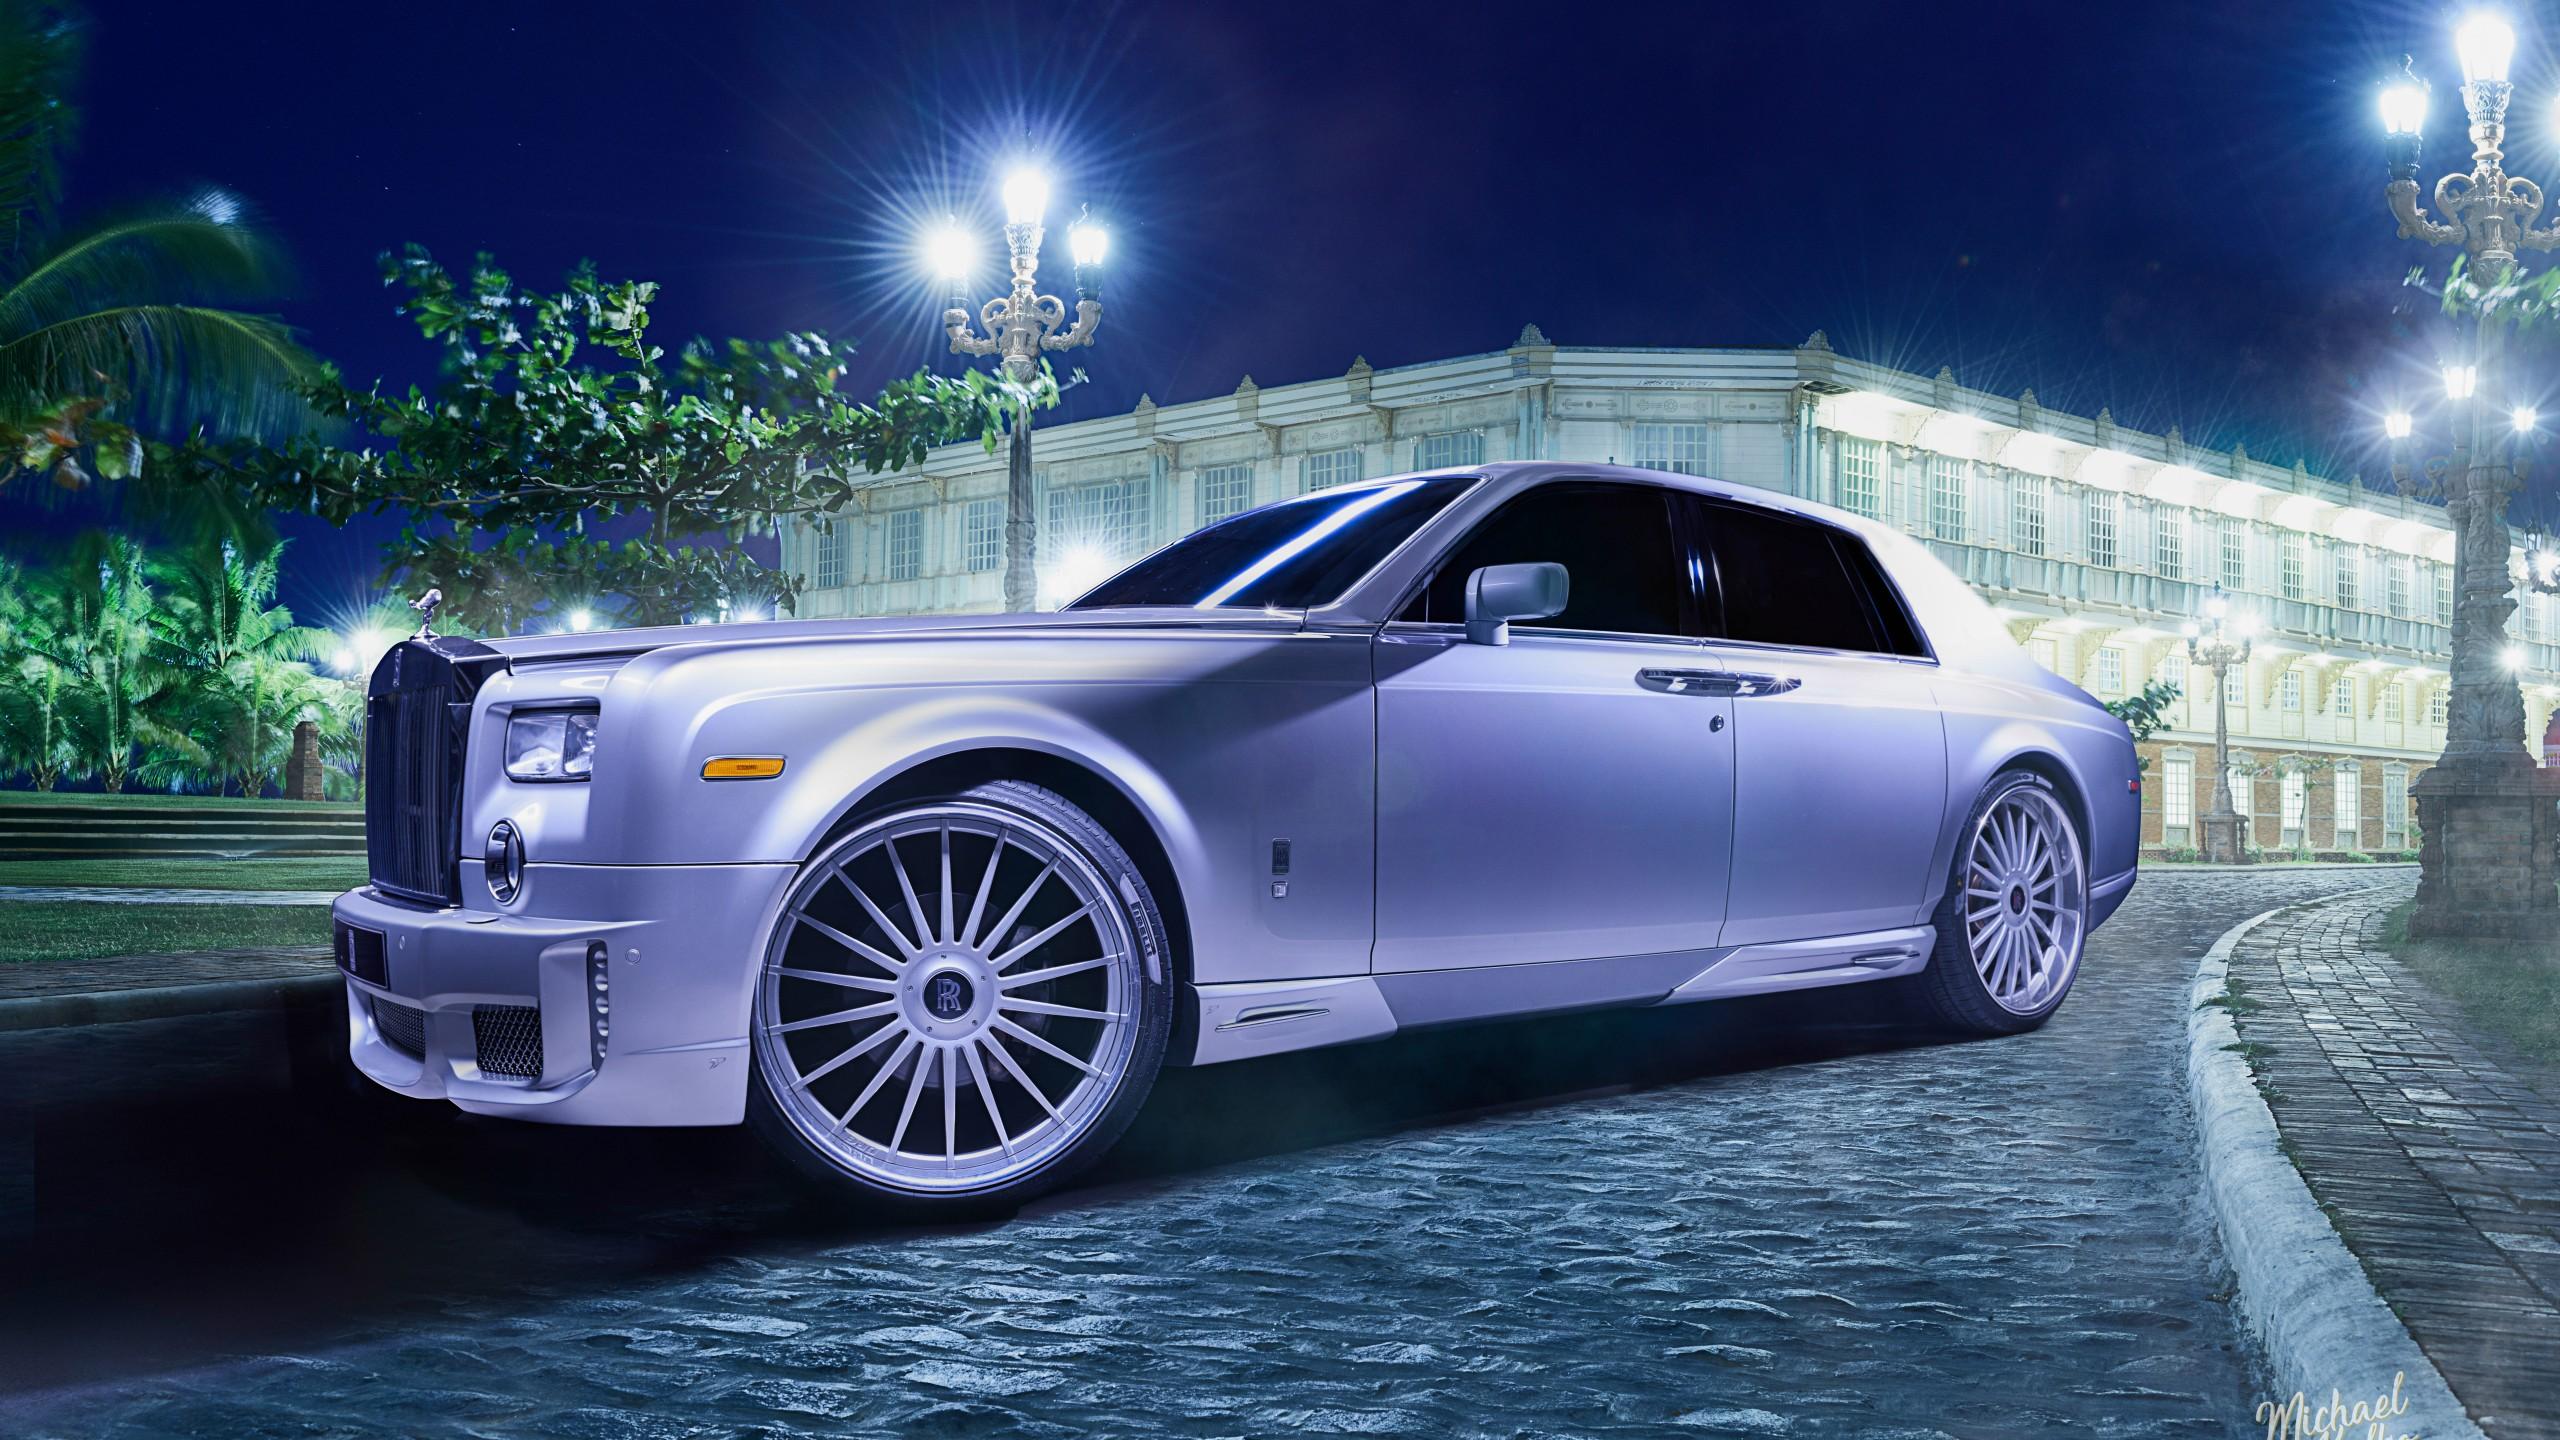 Rolls Royce Ghost >> Rolls-Royce Ghost 4K 8K Wallpaper   HD Car Wallpapers   ID ...